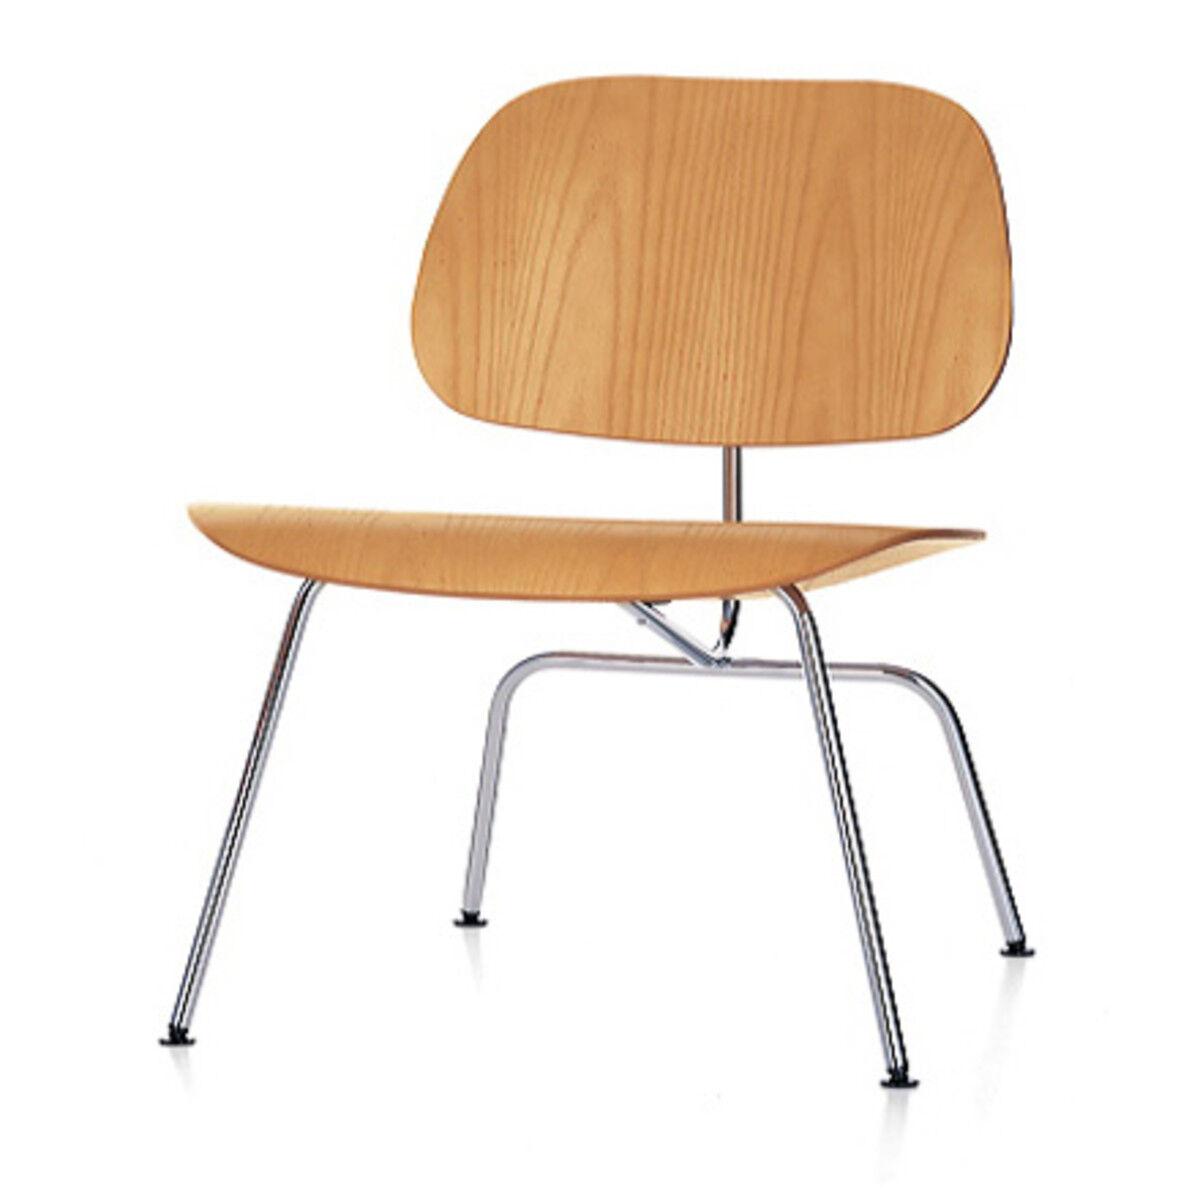 VITRA chaise longue Plywood LCM (Naturel / Chromé - frêne multi-couche / acier)